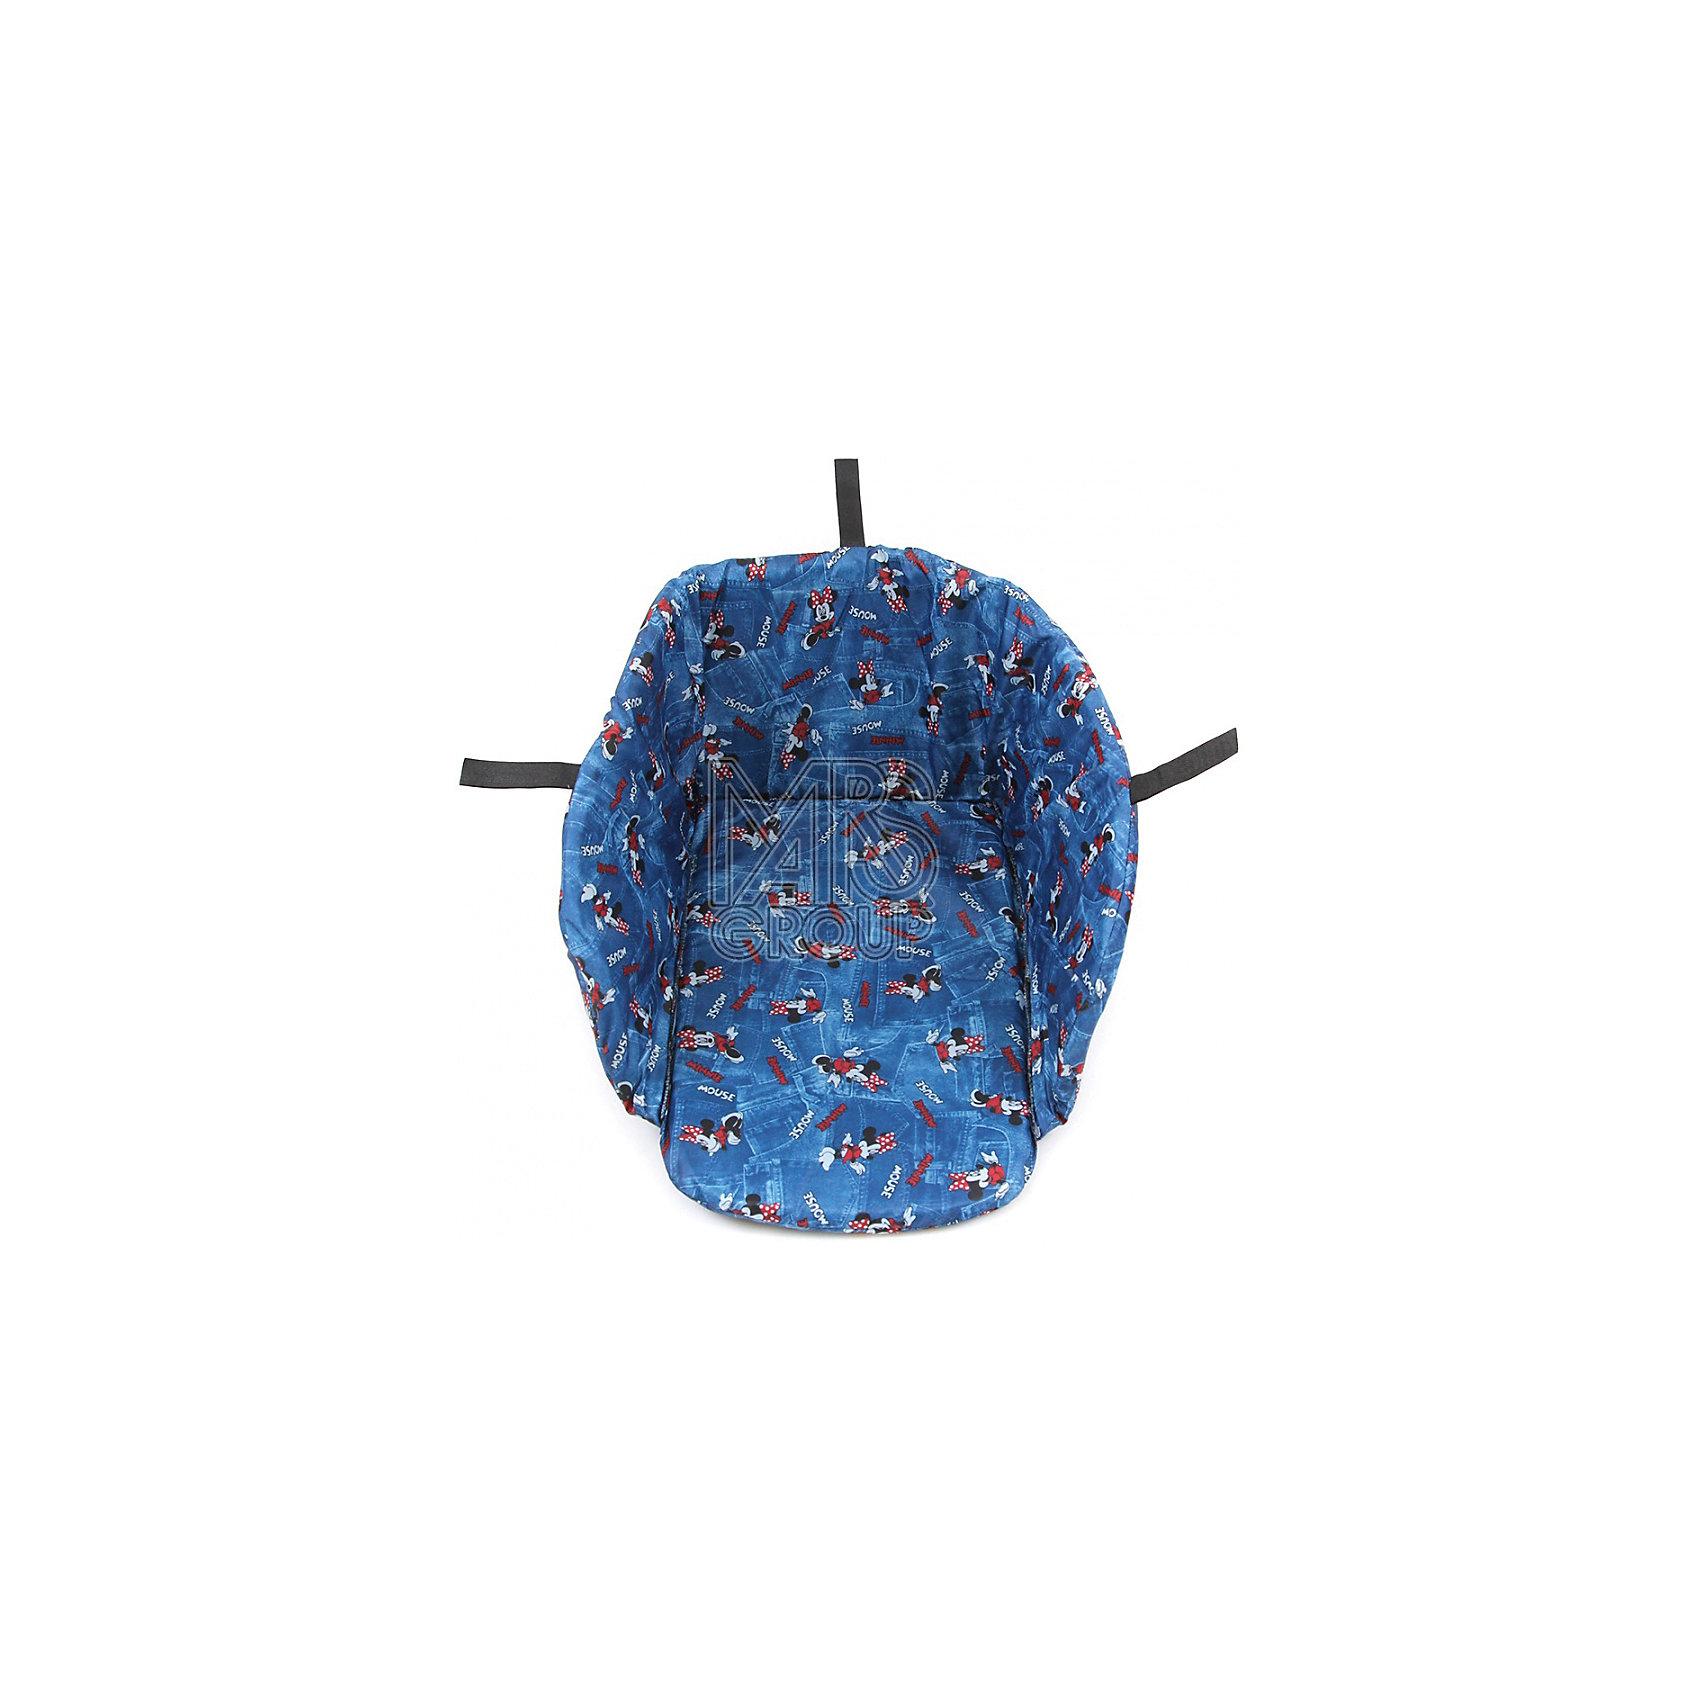 Mатрасик  для санок Люкс универсальный, синий, ПМДКMатрасик для санок Люкс универсальный, синий, ПМДК.<br><br>Характеристики:<br><br>• Материал: поролон, плащевка.<br>• Вес: 350 г.<br>• Цвет: синий.<br><br>Матрасик для санок Люкс универсальный – отличное дополнение к санкам. Выполнен матрасик из непромокаемого материала. У данной модели имеются застежки – липучки для крепления к спинке санок. Наполнитель – поролон, который не позволит замерзнуть вашему малышу.<br><br>Mатрасик для санок Люкс универсальный, синий, ПМДК, можно купить в нашем интернет – магазине.<br><br>Ширина мм: 540<br>Глубина мм: 300<br>Высота мм: 220<br>Вес г: 350<br>Возраст от месяцев: -2147483648<br>Возраст до месяцев: 2147483647<br>Пол: Унисекс<br>Возраст: Детский<br>SKU: 5231067